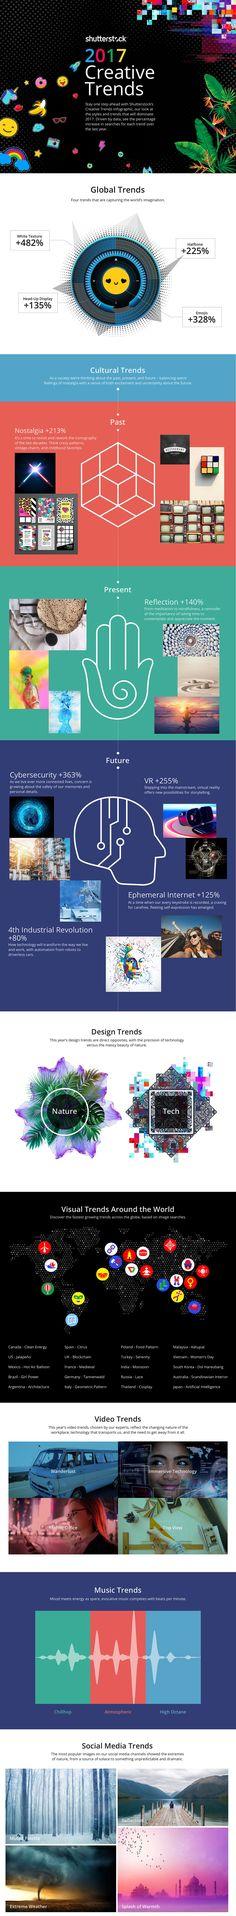 Um estudo realizado pelo Shutterstock sobre as tendências criativas para 2017 para te ajudar a produzir um conteúdo incrível na internet. http://sernaiotto.com/2017/02/09/tendencias-criativas-para-2017/